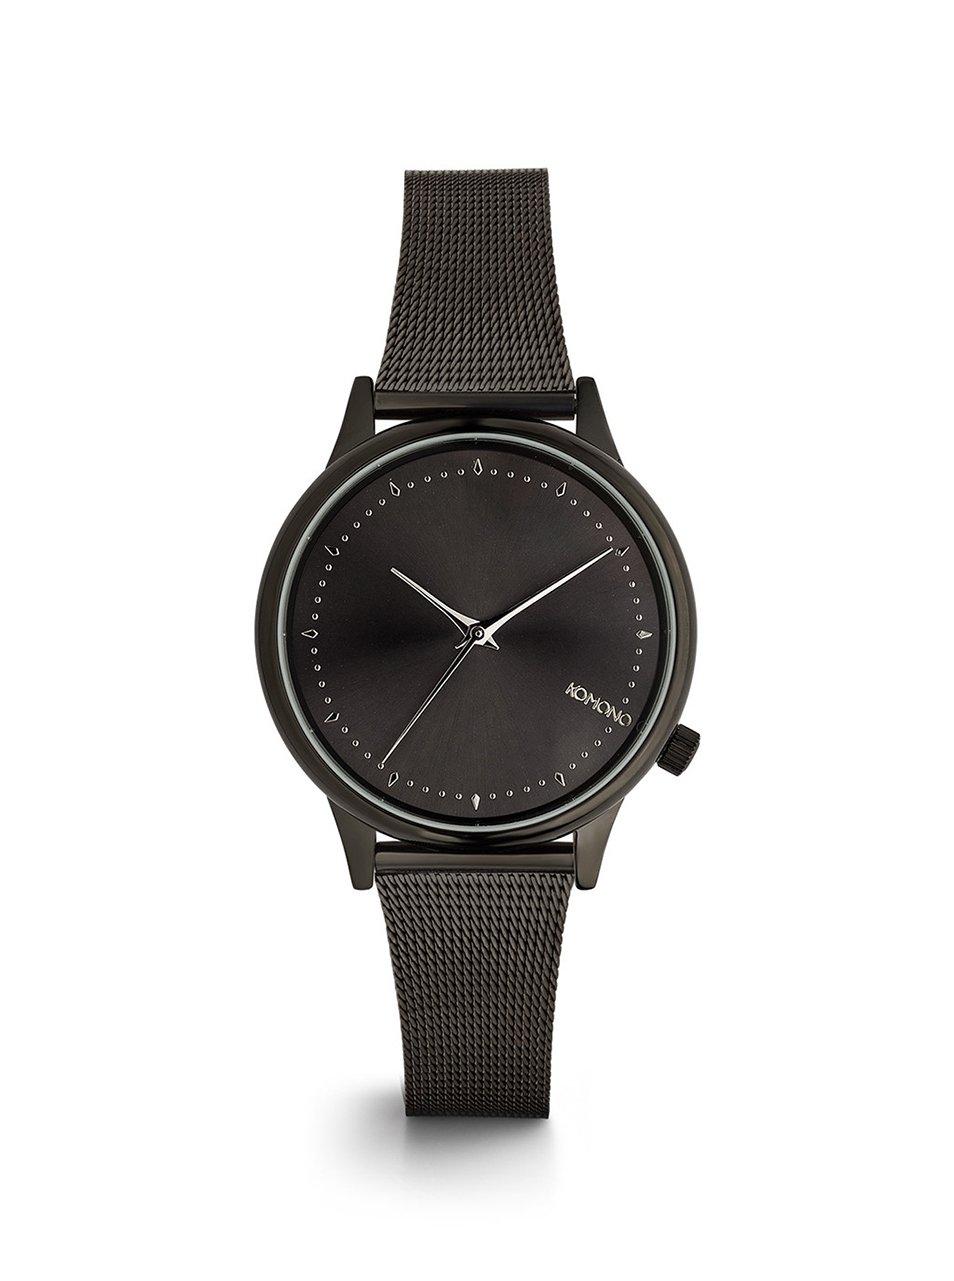 Čierne dámske hodinky s kovovým remienkom Komono Estelle Royale ... 283ff09197b